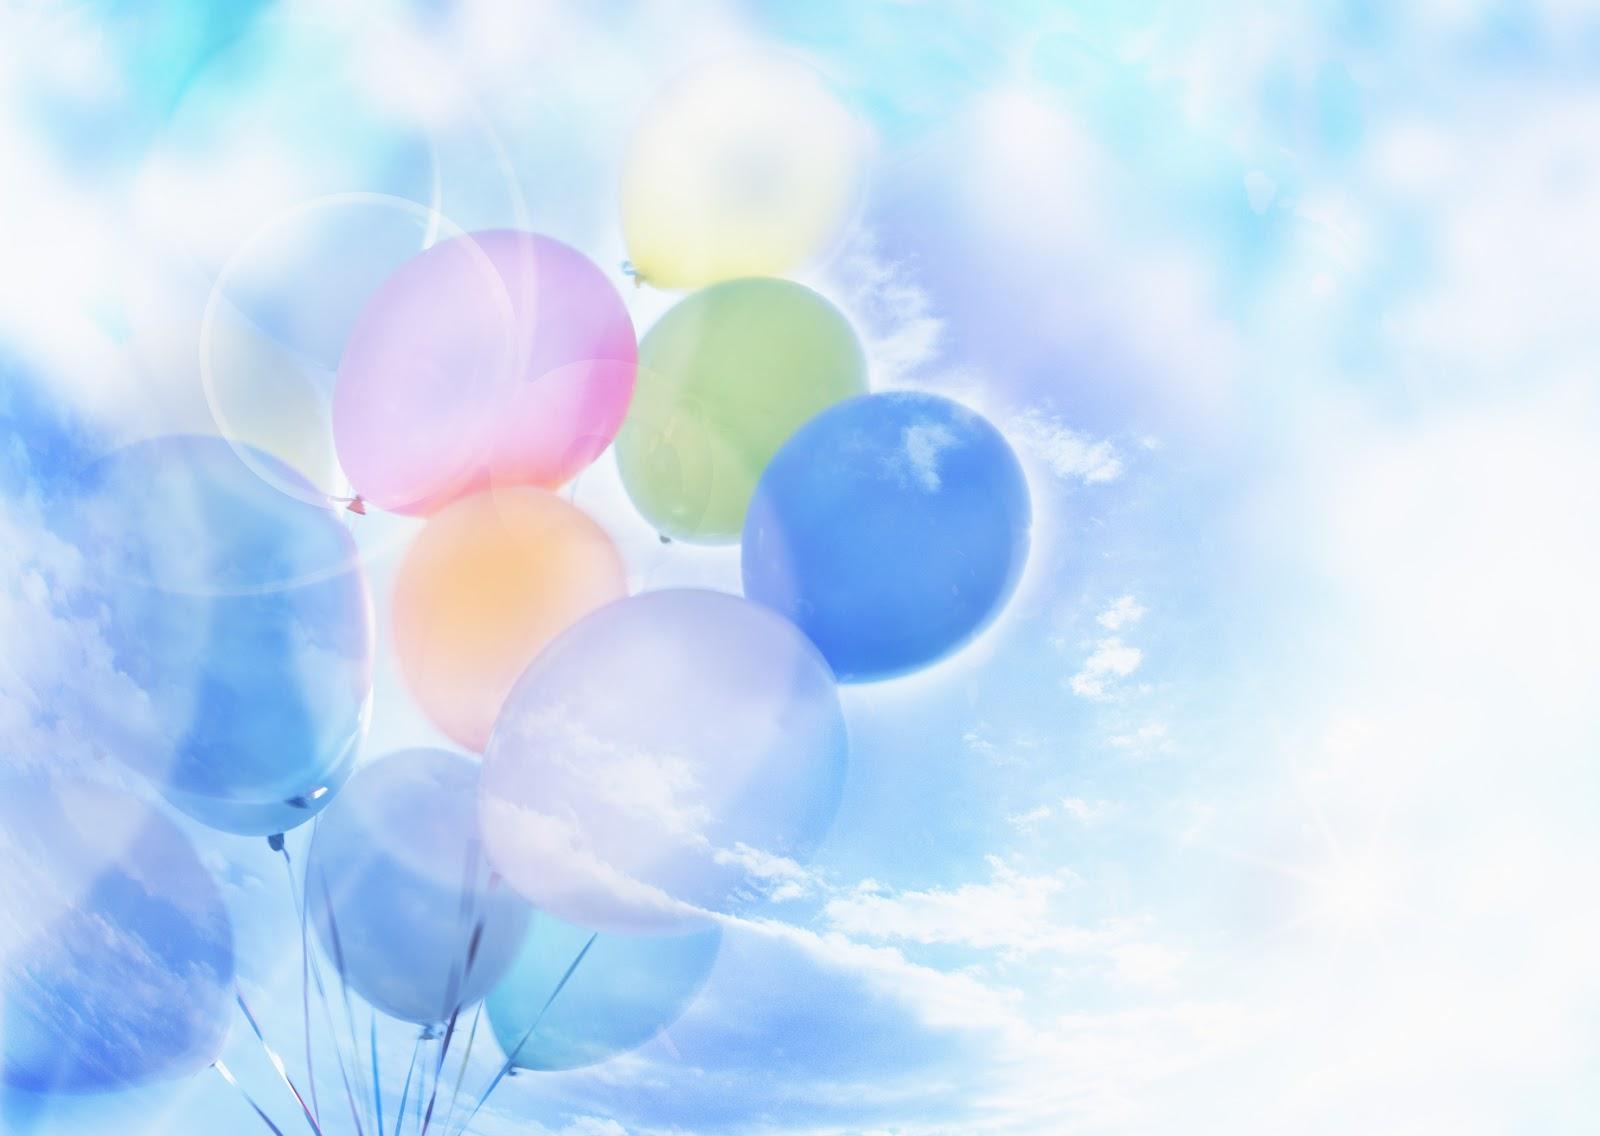 http://2.bp.blogspot.com/-gIHk1oByFA4/UCFDqsb7paI/AAAAAAAAEmo/zYX4HL0g214/s1600/Sky-balloons-2.jpg